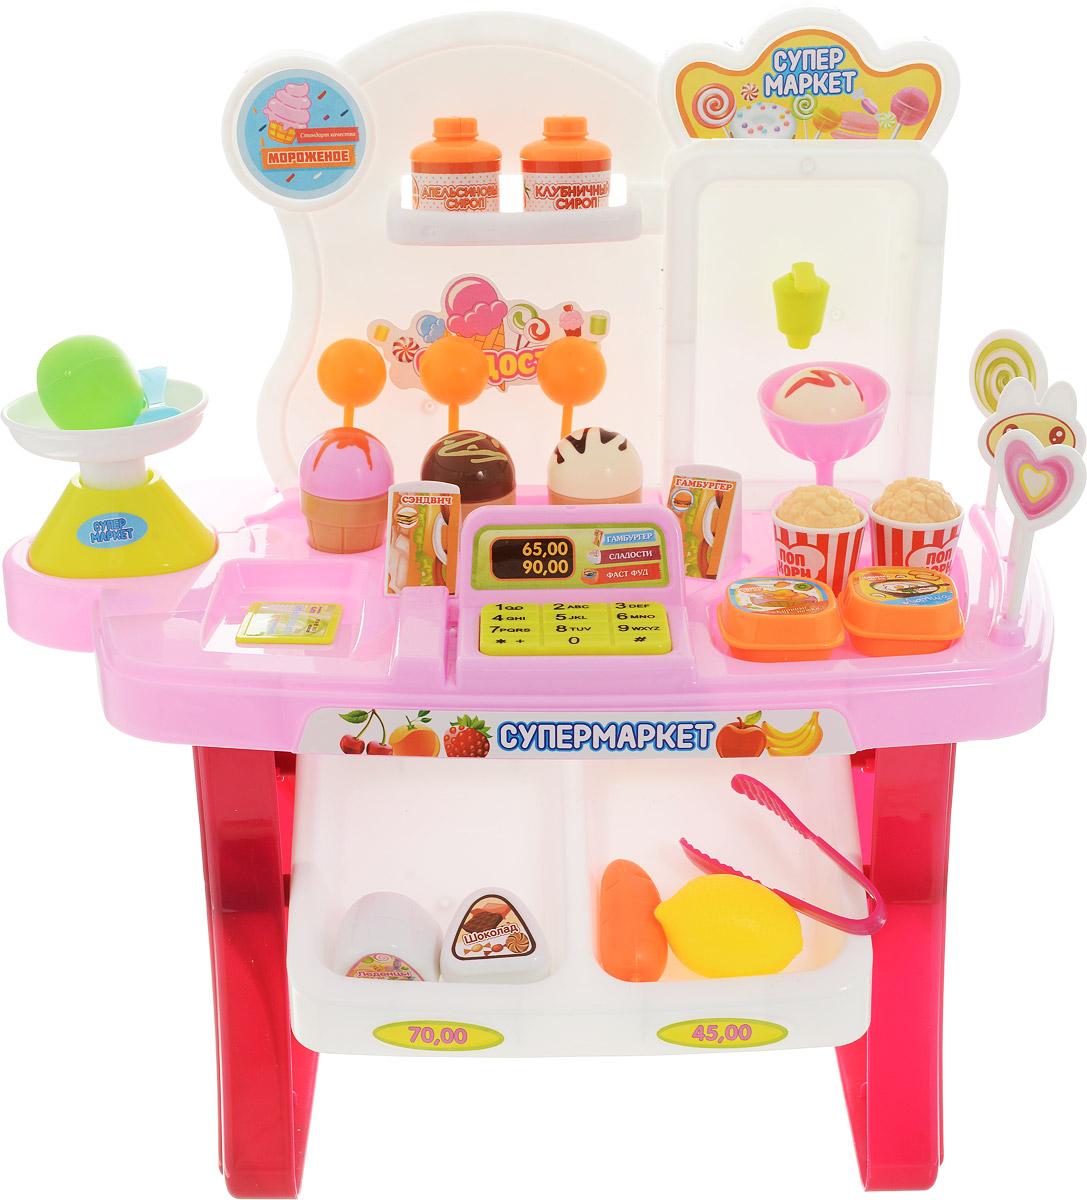 Abtoys Игровой набор Супермаркет 35 предметов